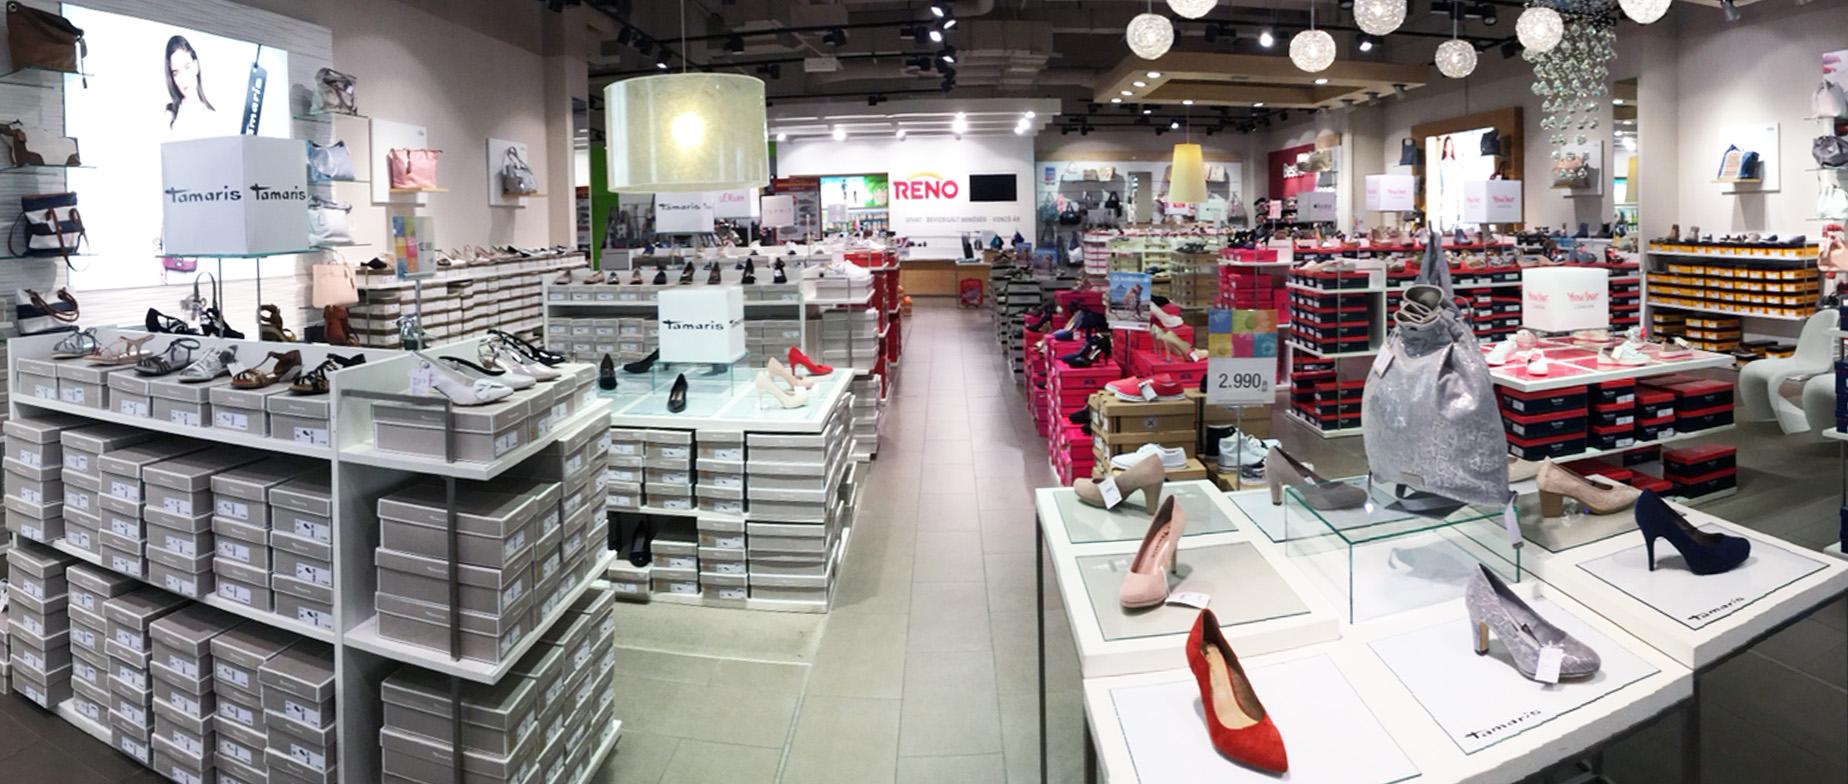 d4d3718451 Reno cipő ajándékutalvány